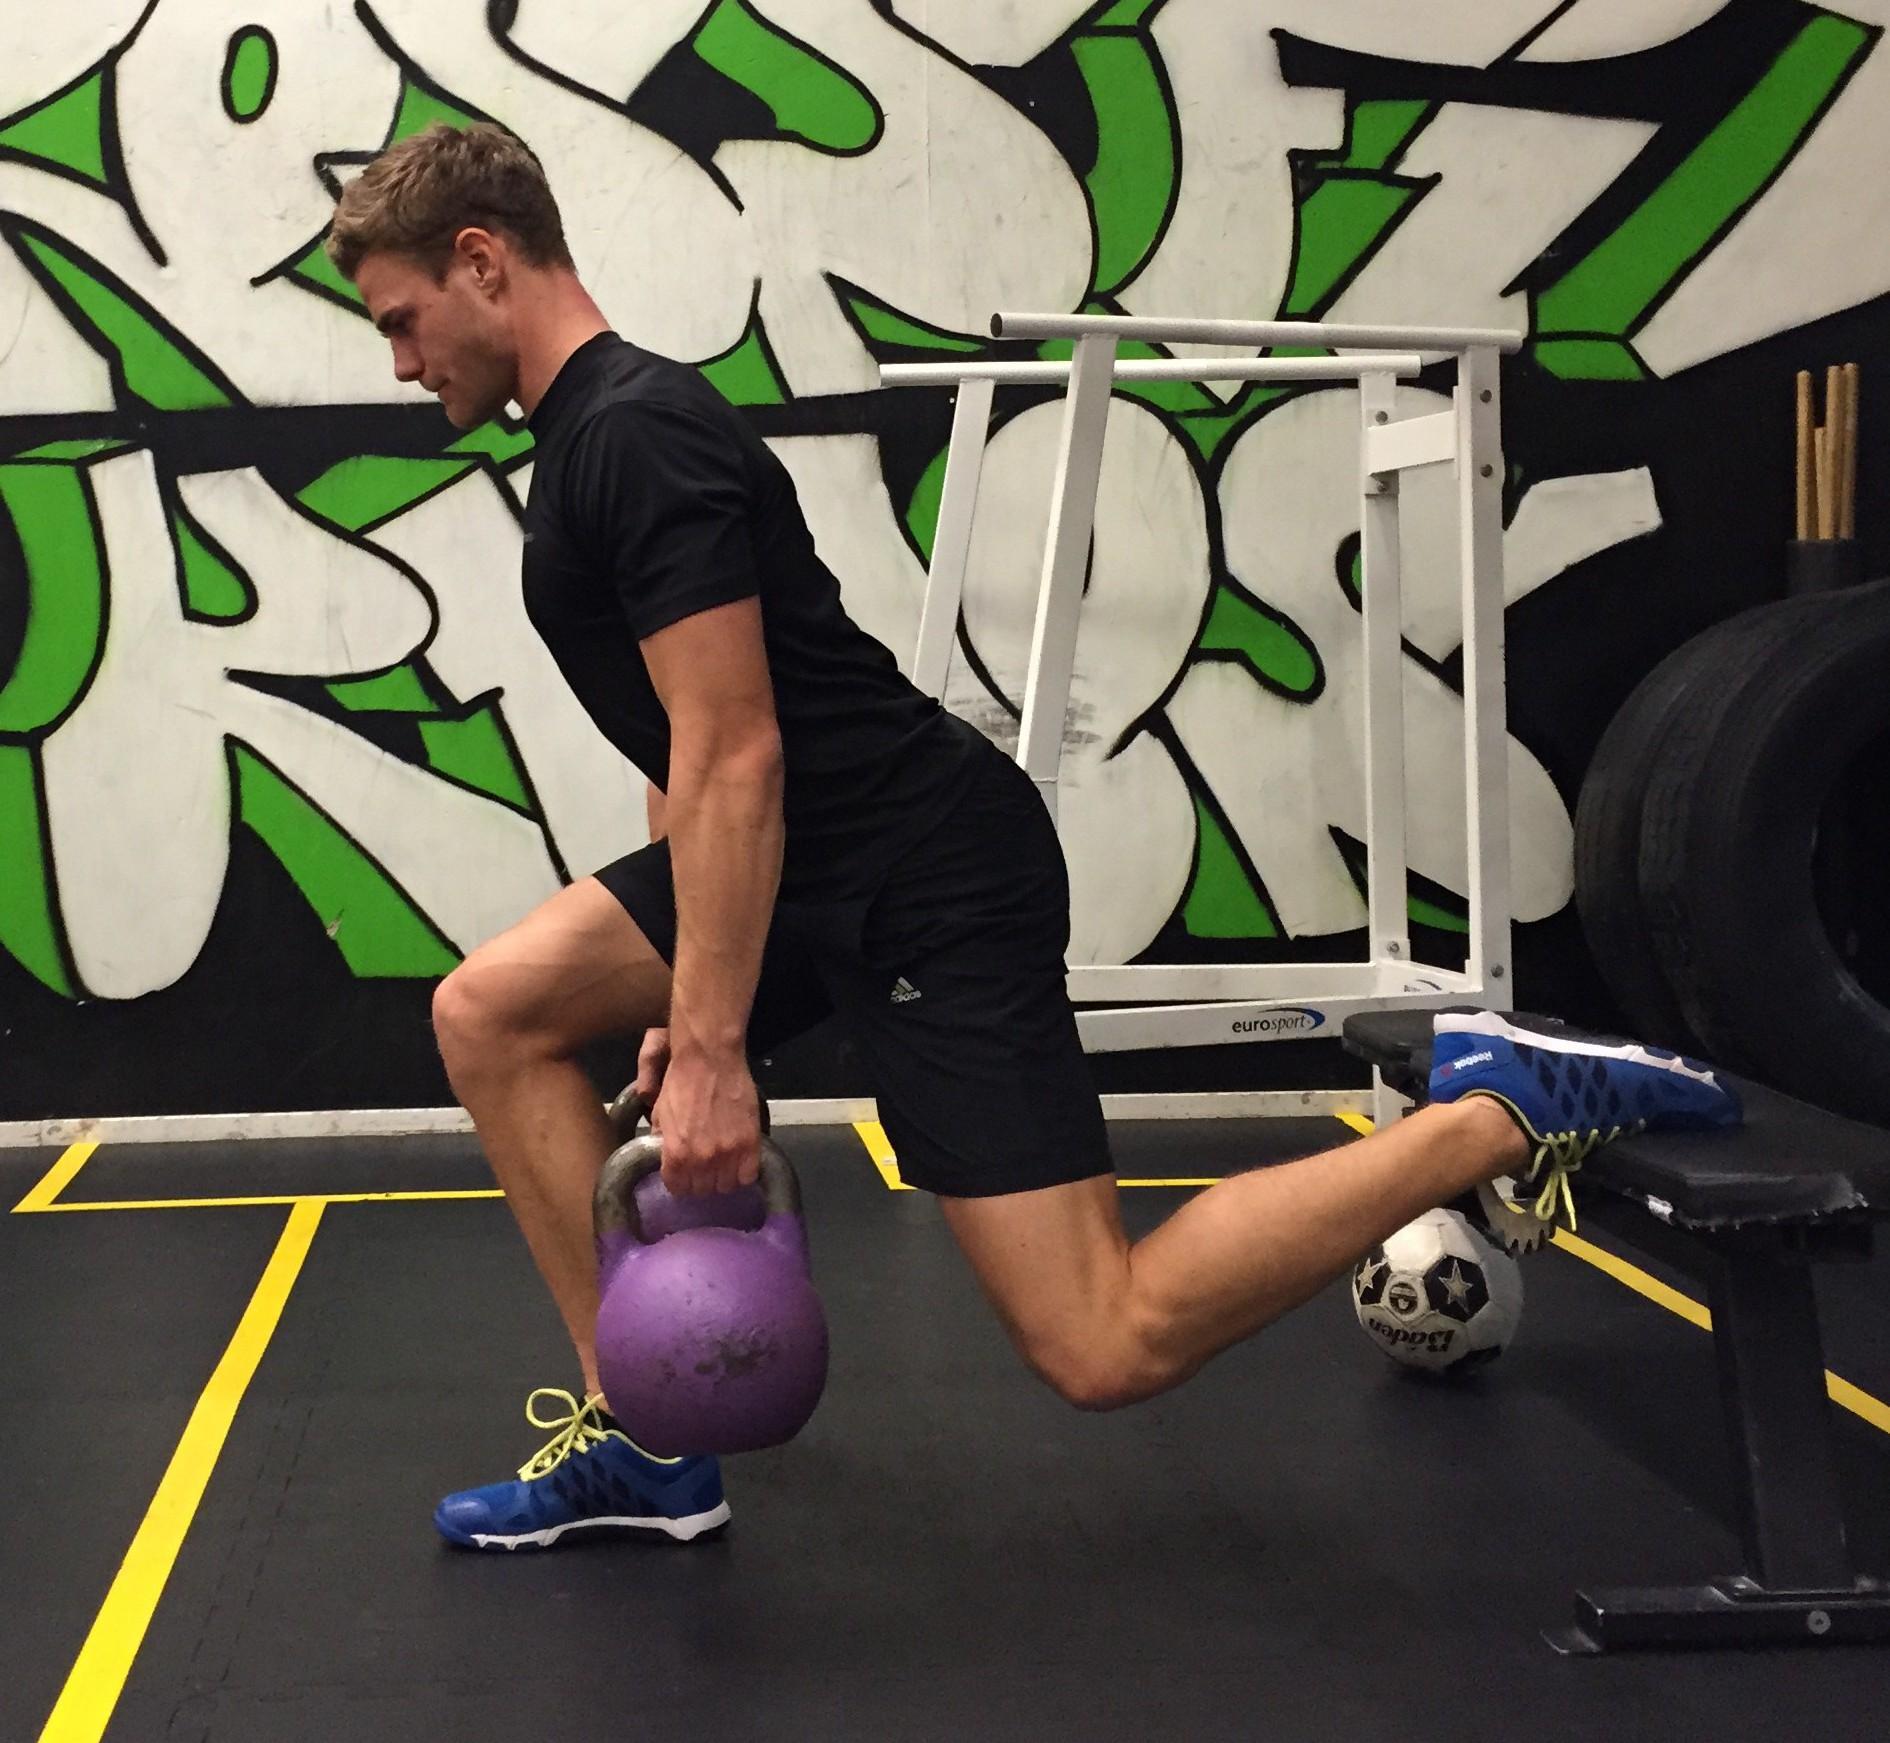 träning med gummiband ben